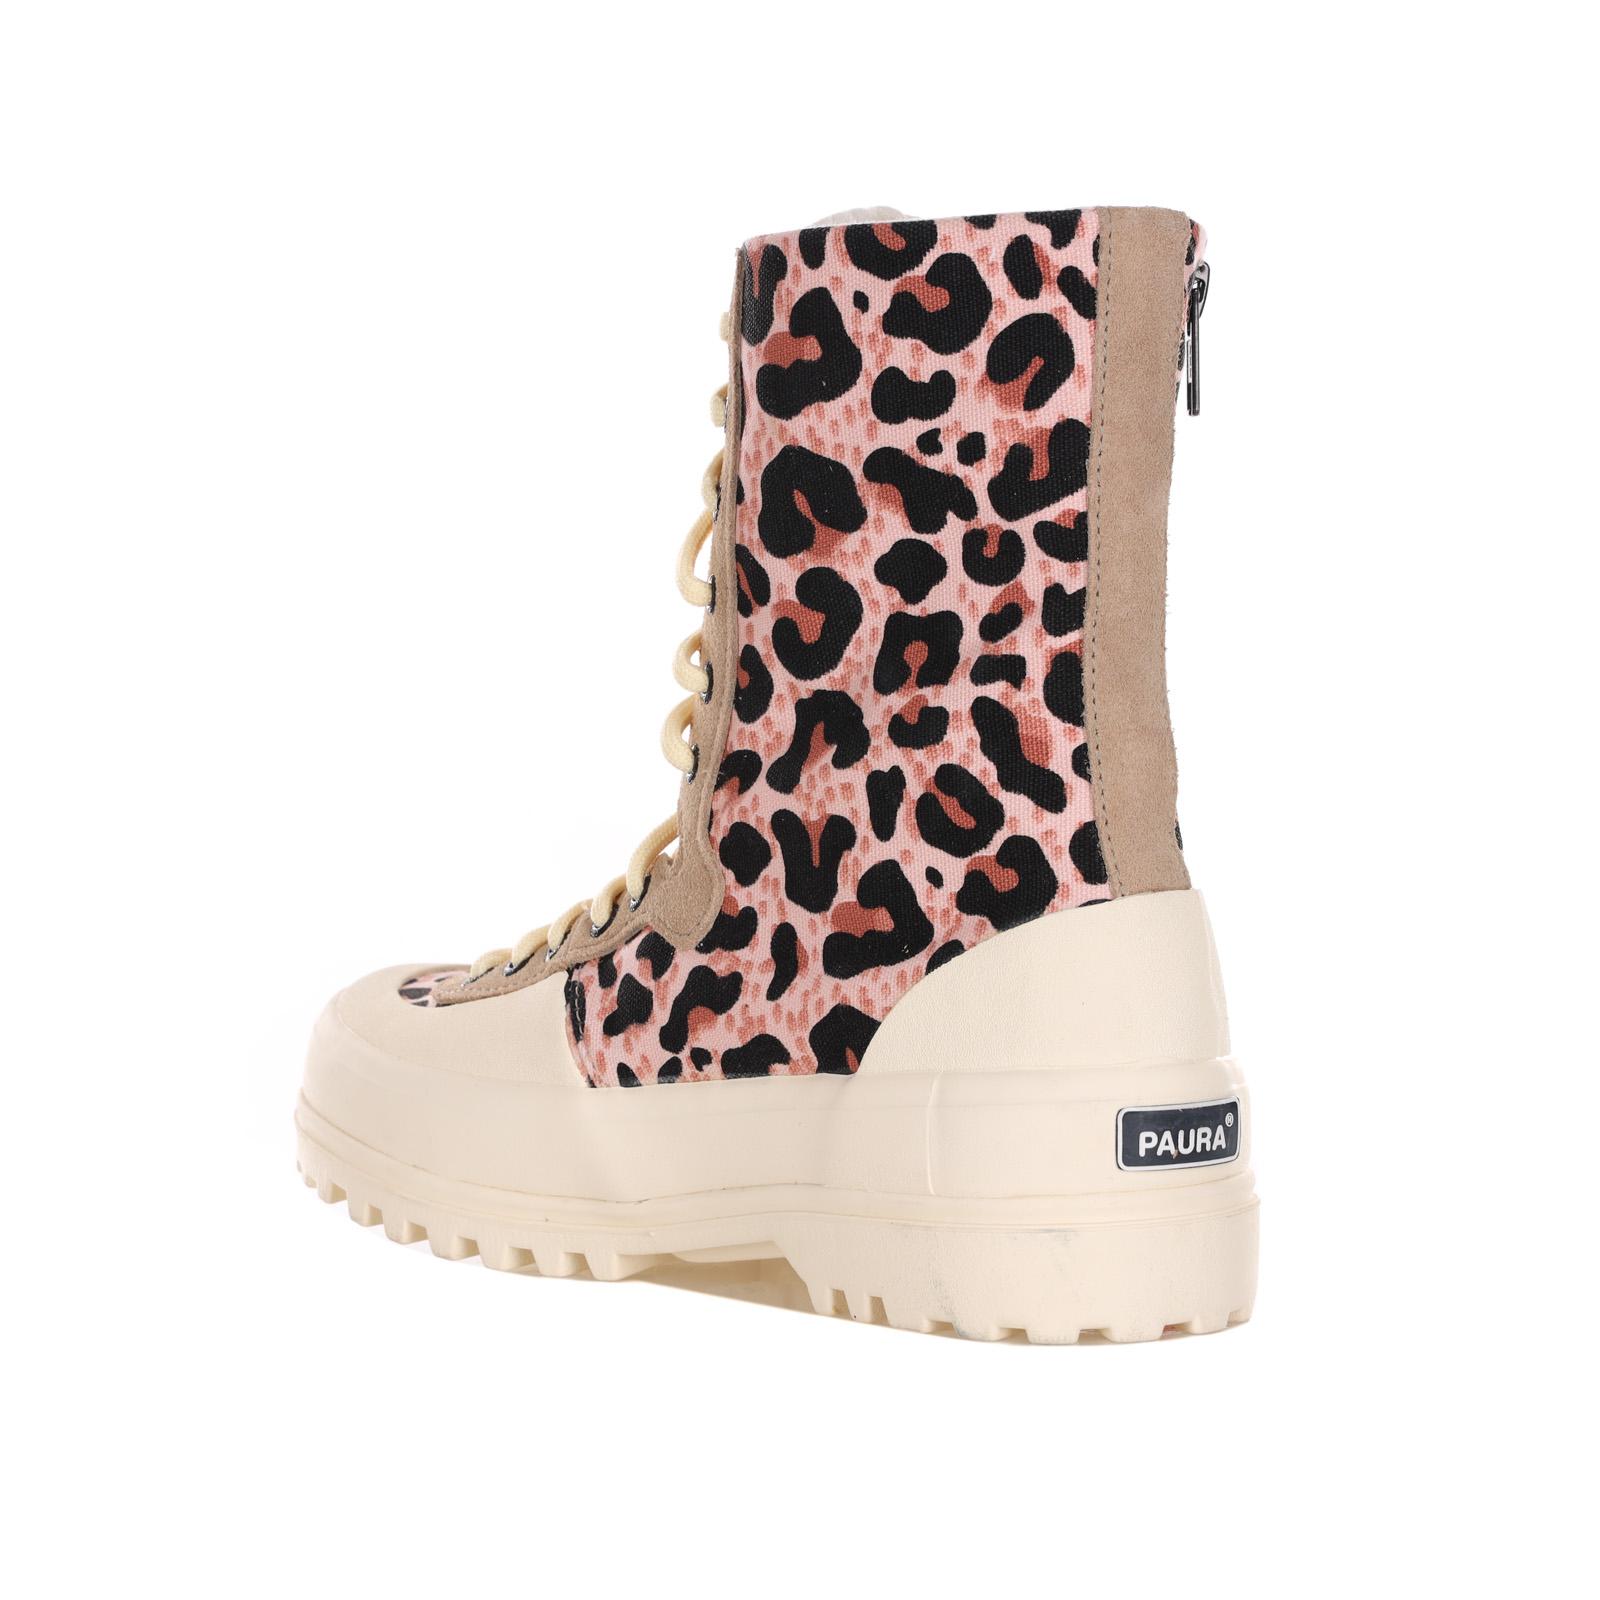 Sneakers Animalier Con Chiusura In Zip E Lacci SUPERGA X PAURA | Sneakers | S6111BWBROWNLEOPARD